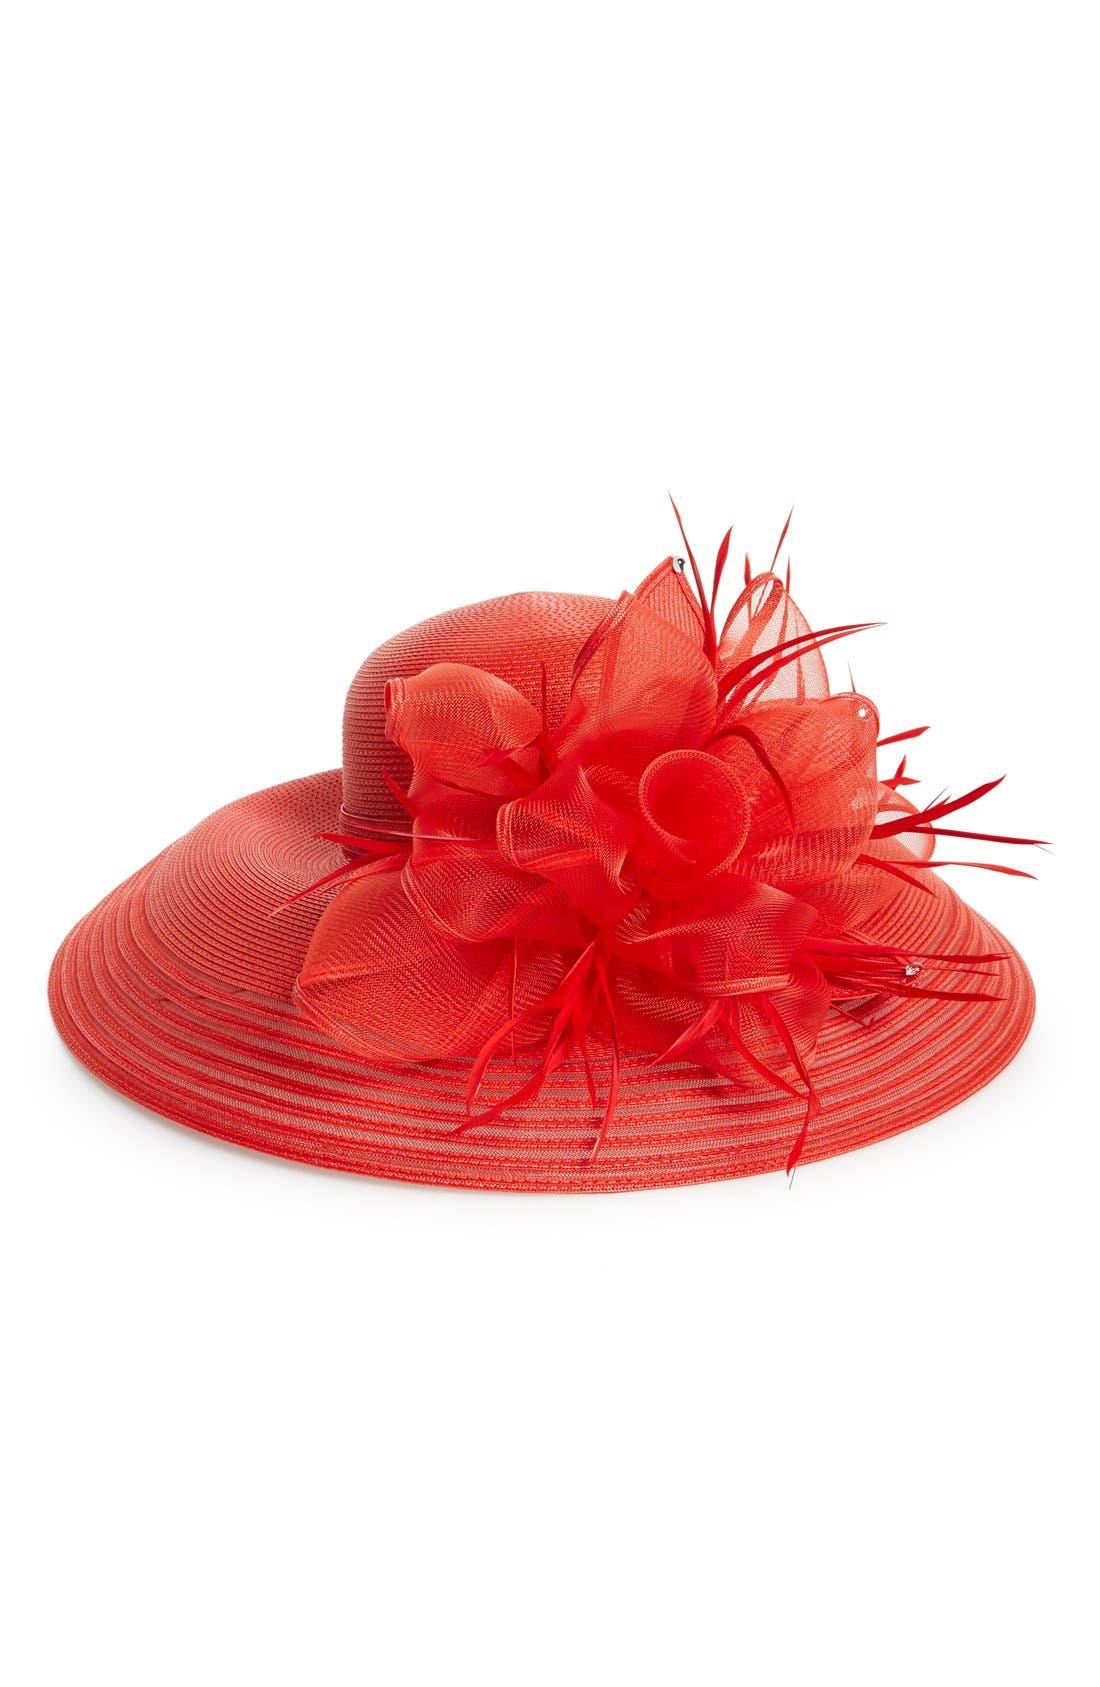 Main Image - August Hat Crystal Embellished Floral Hat